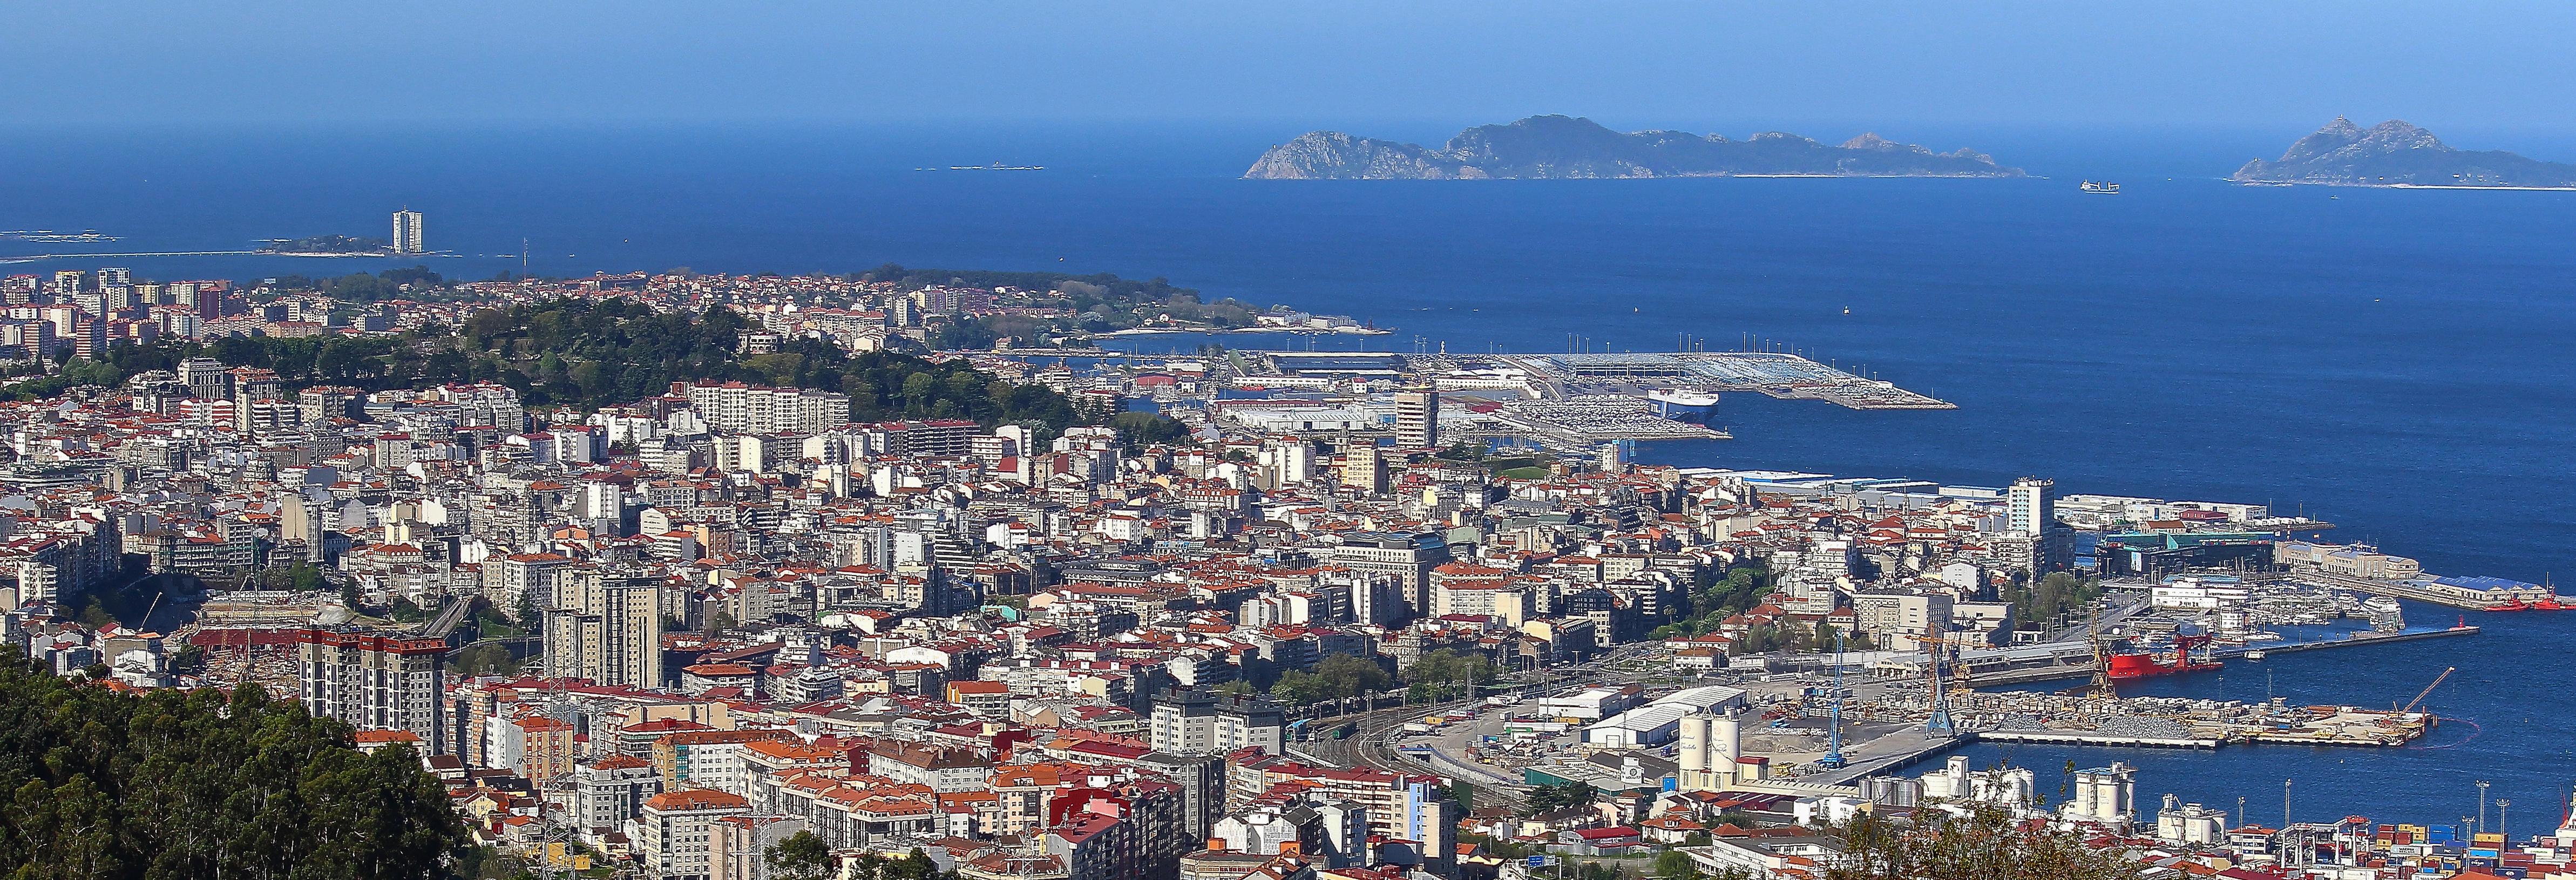 Archivo Vigo Panoramico Jpg